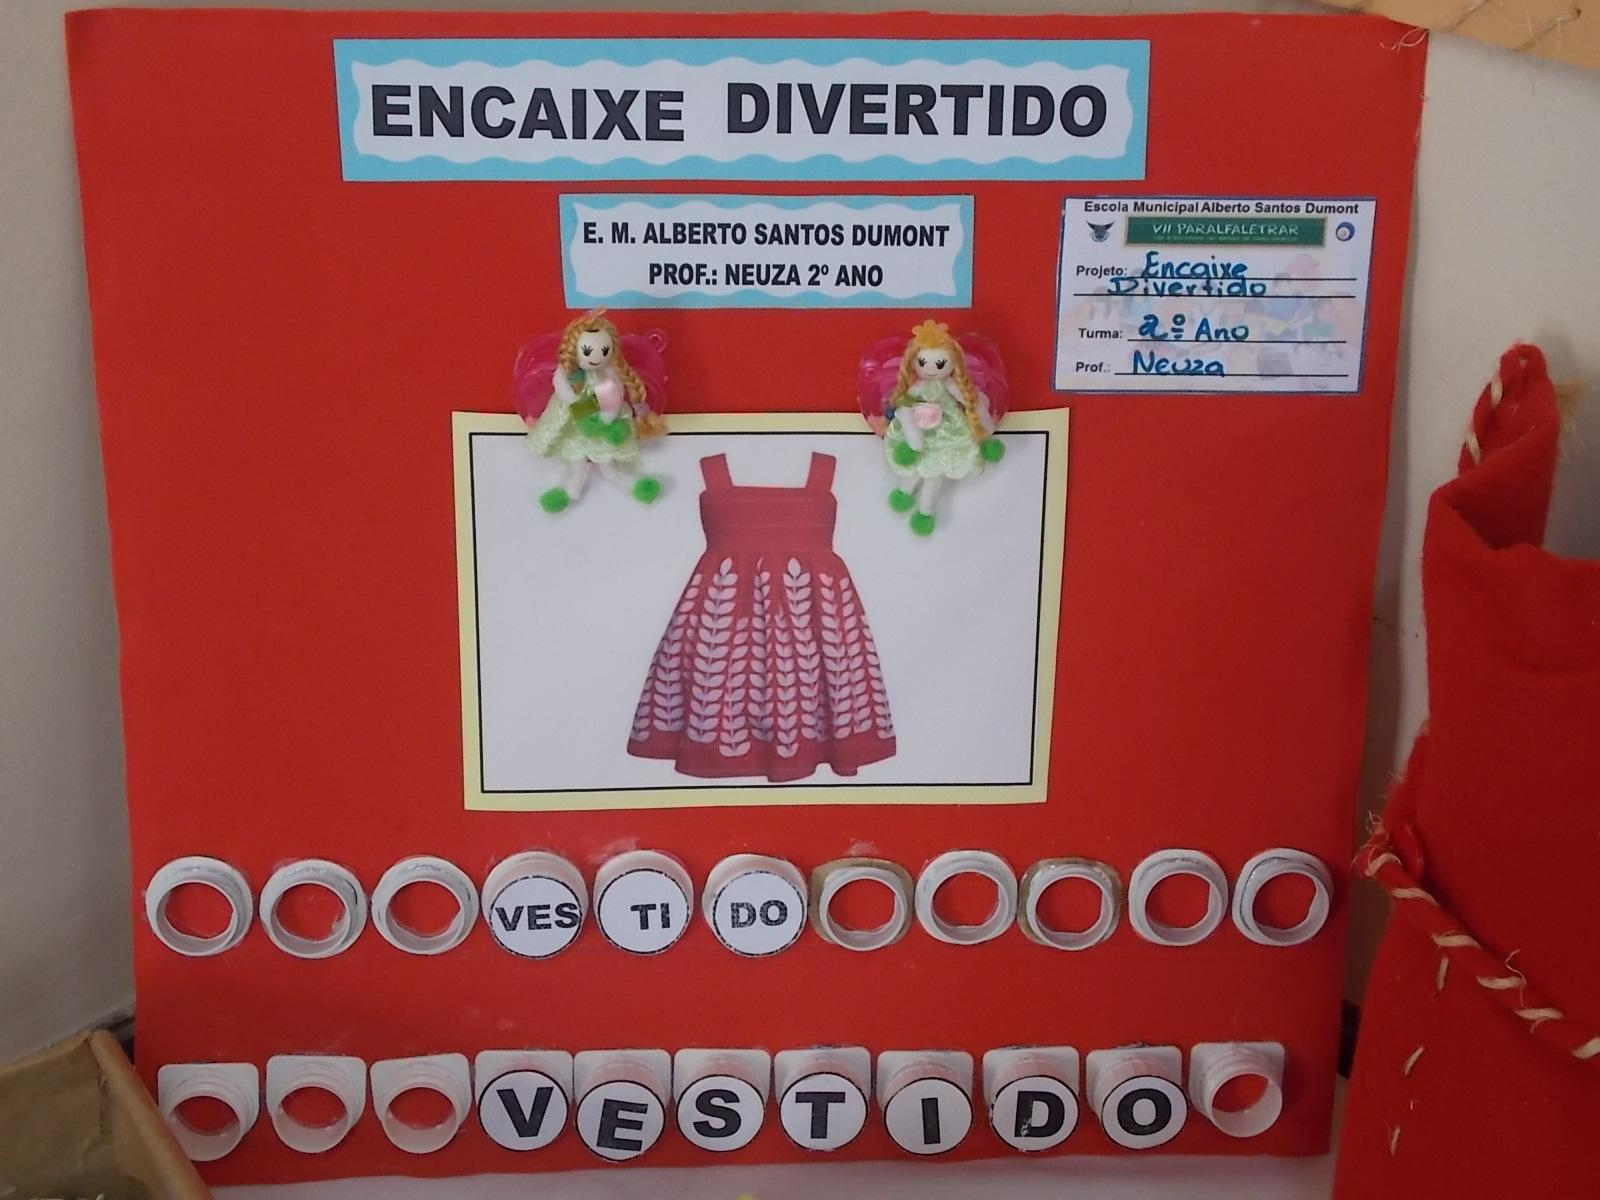 Ceale - Centro de alfabetização, leitura e escrita - UFMG ...